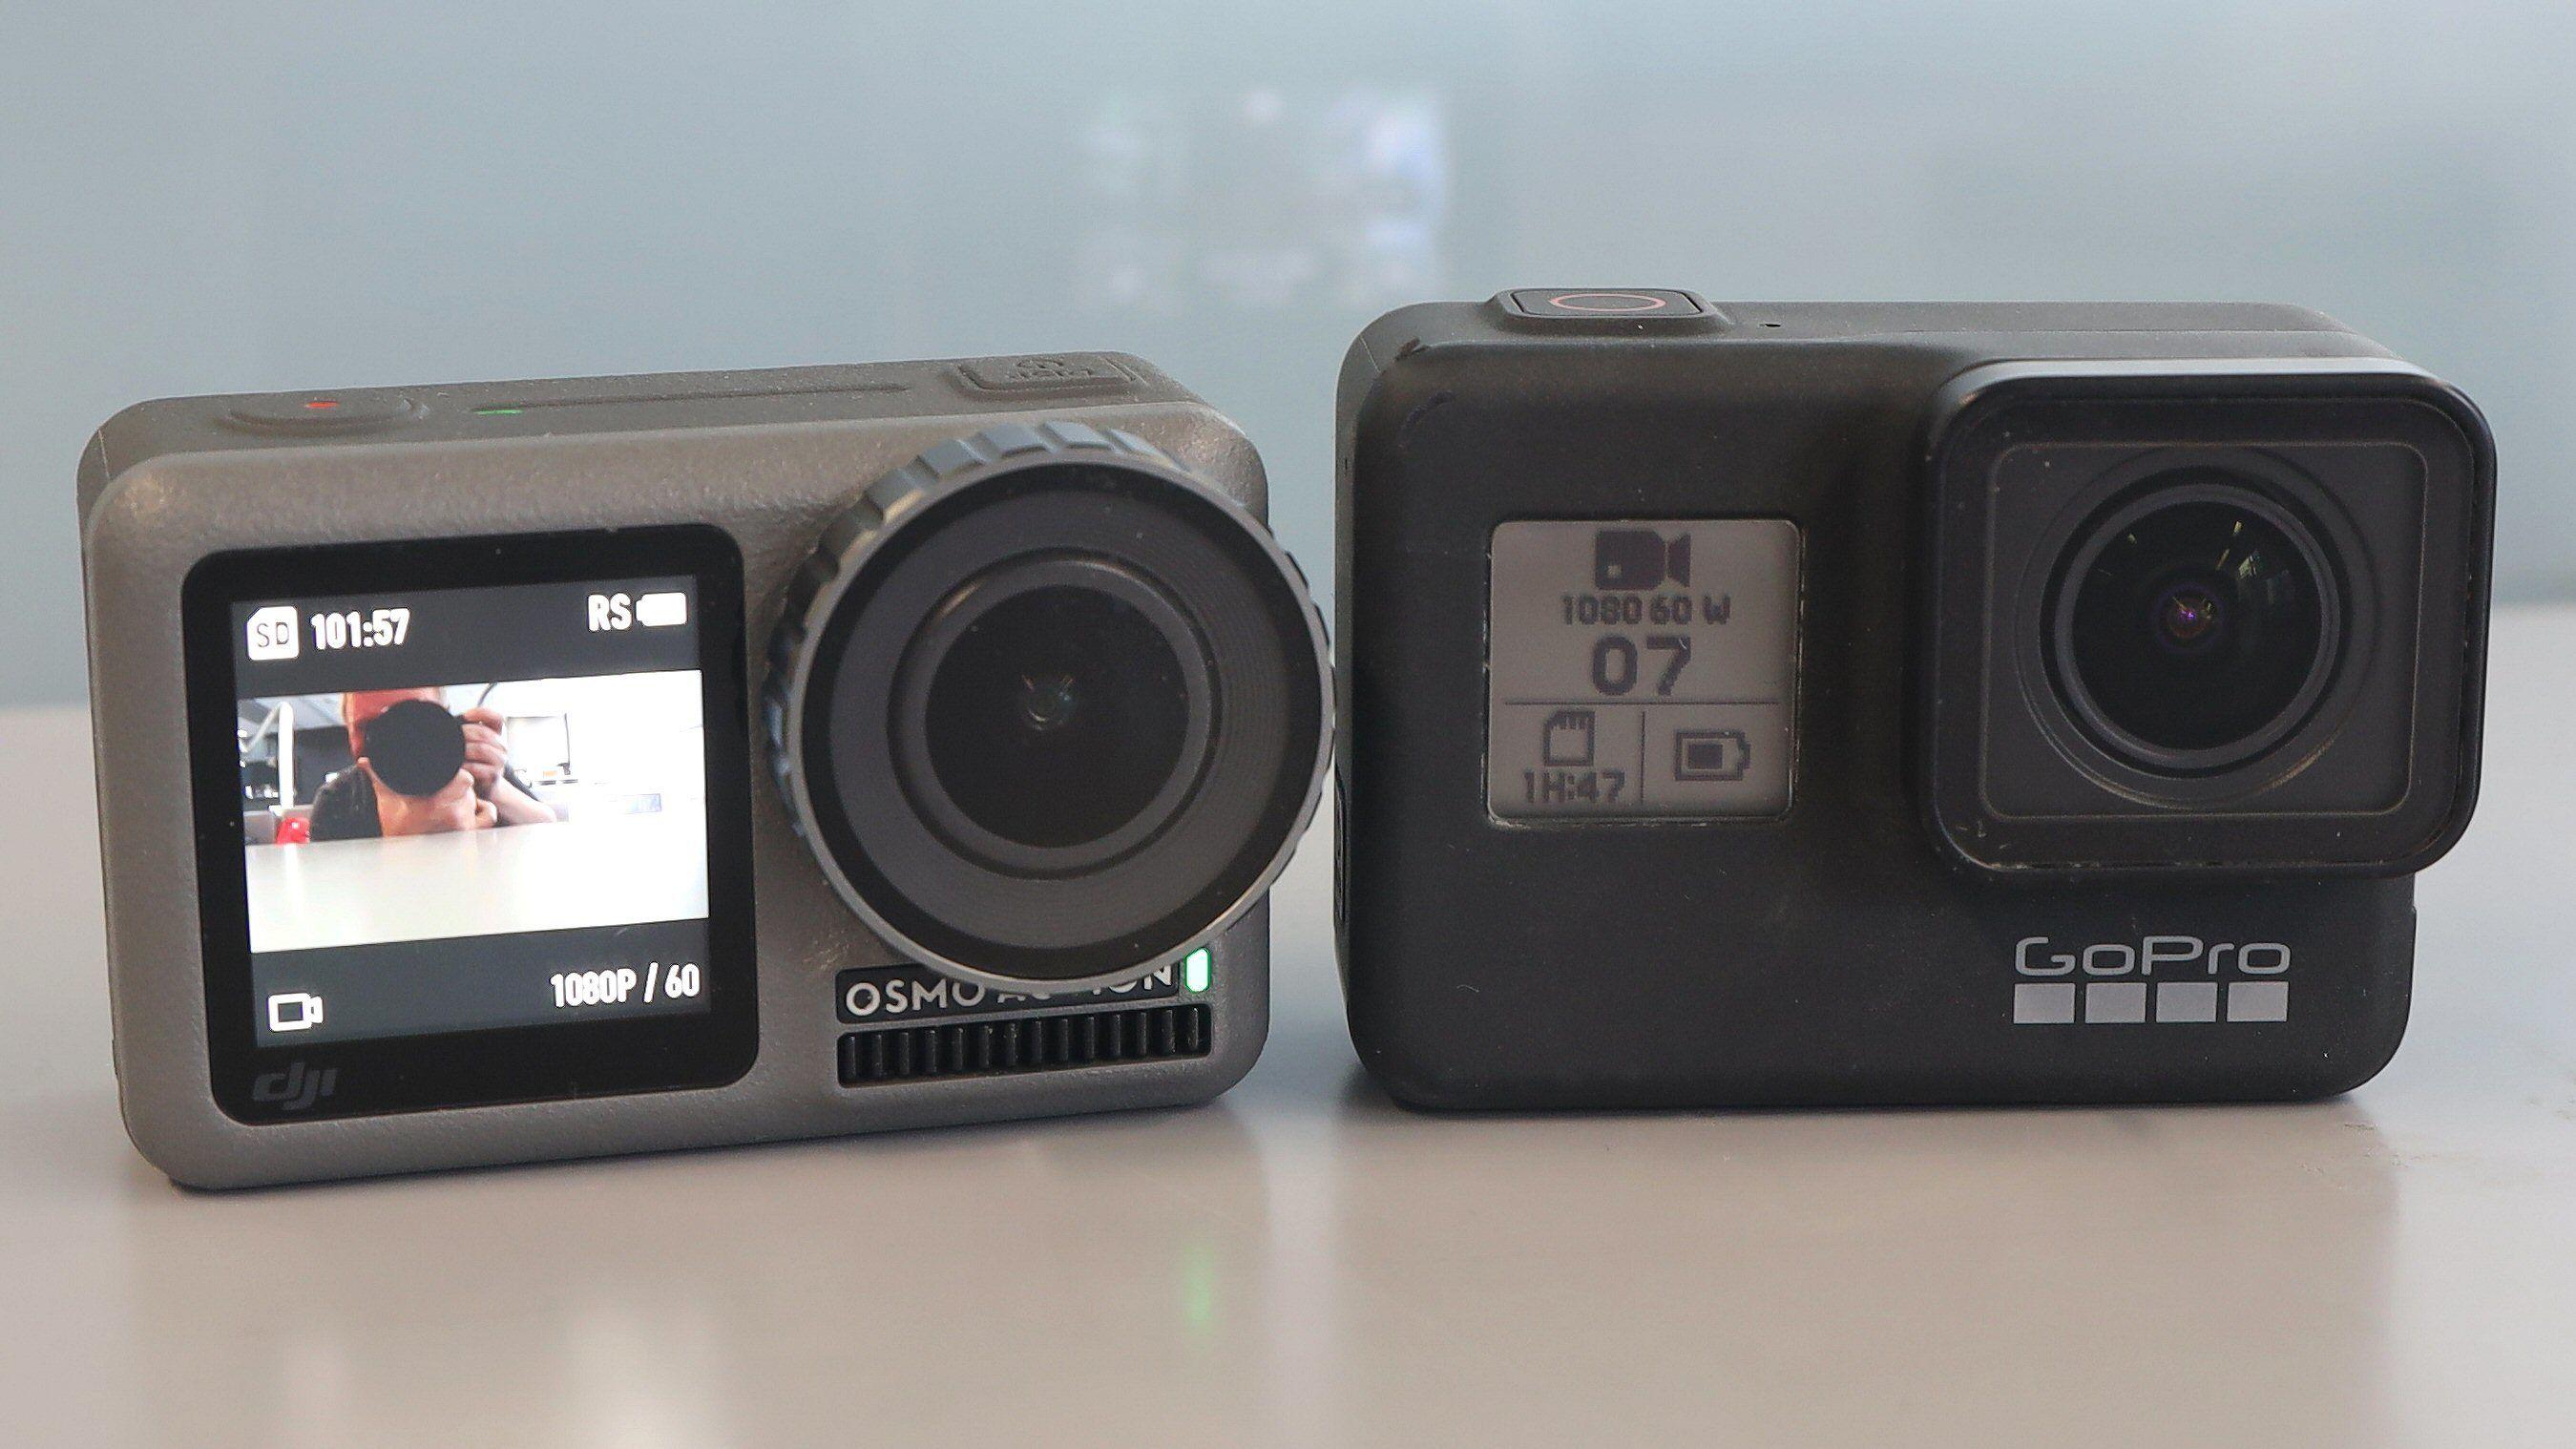 Osmo Acion har en skikkelig frontskjerm, mens Hero7 kun er utstyrt med et LCD-display som viser innstillingene i front.